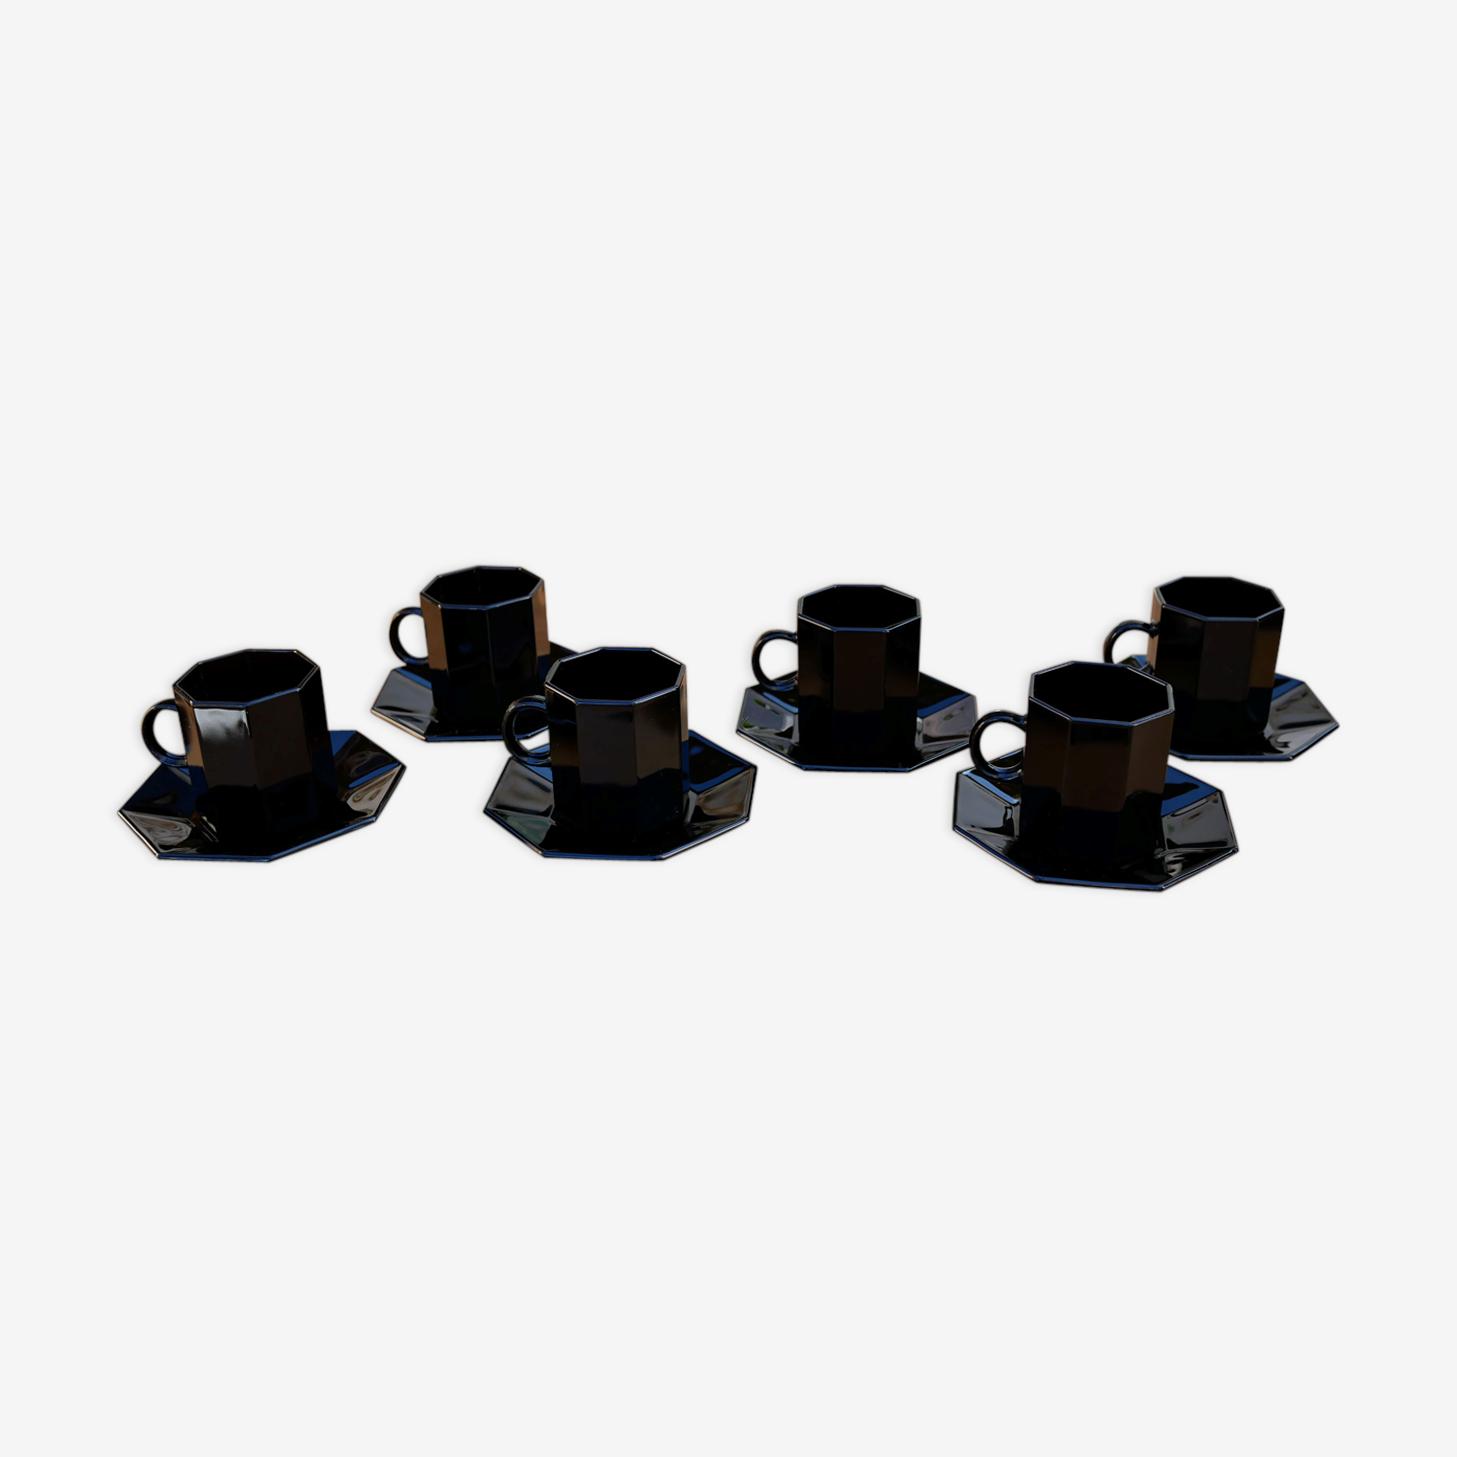 Set de 6 tasses et sous tasses noires vintage